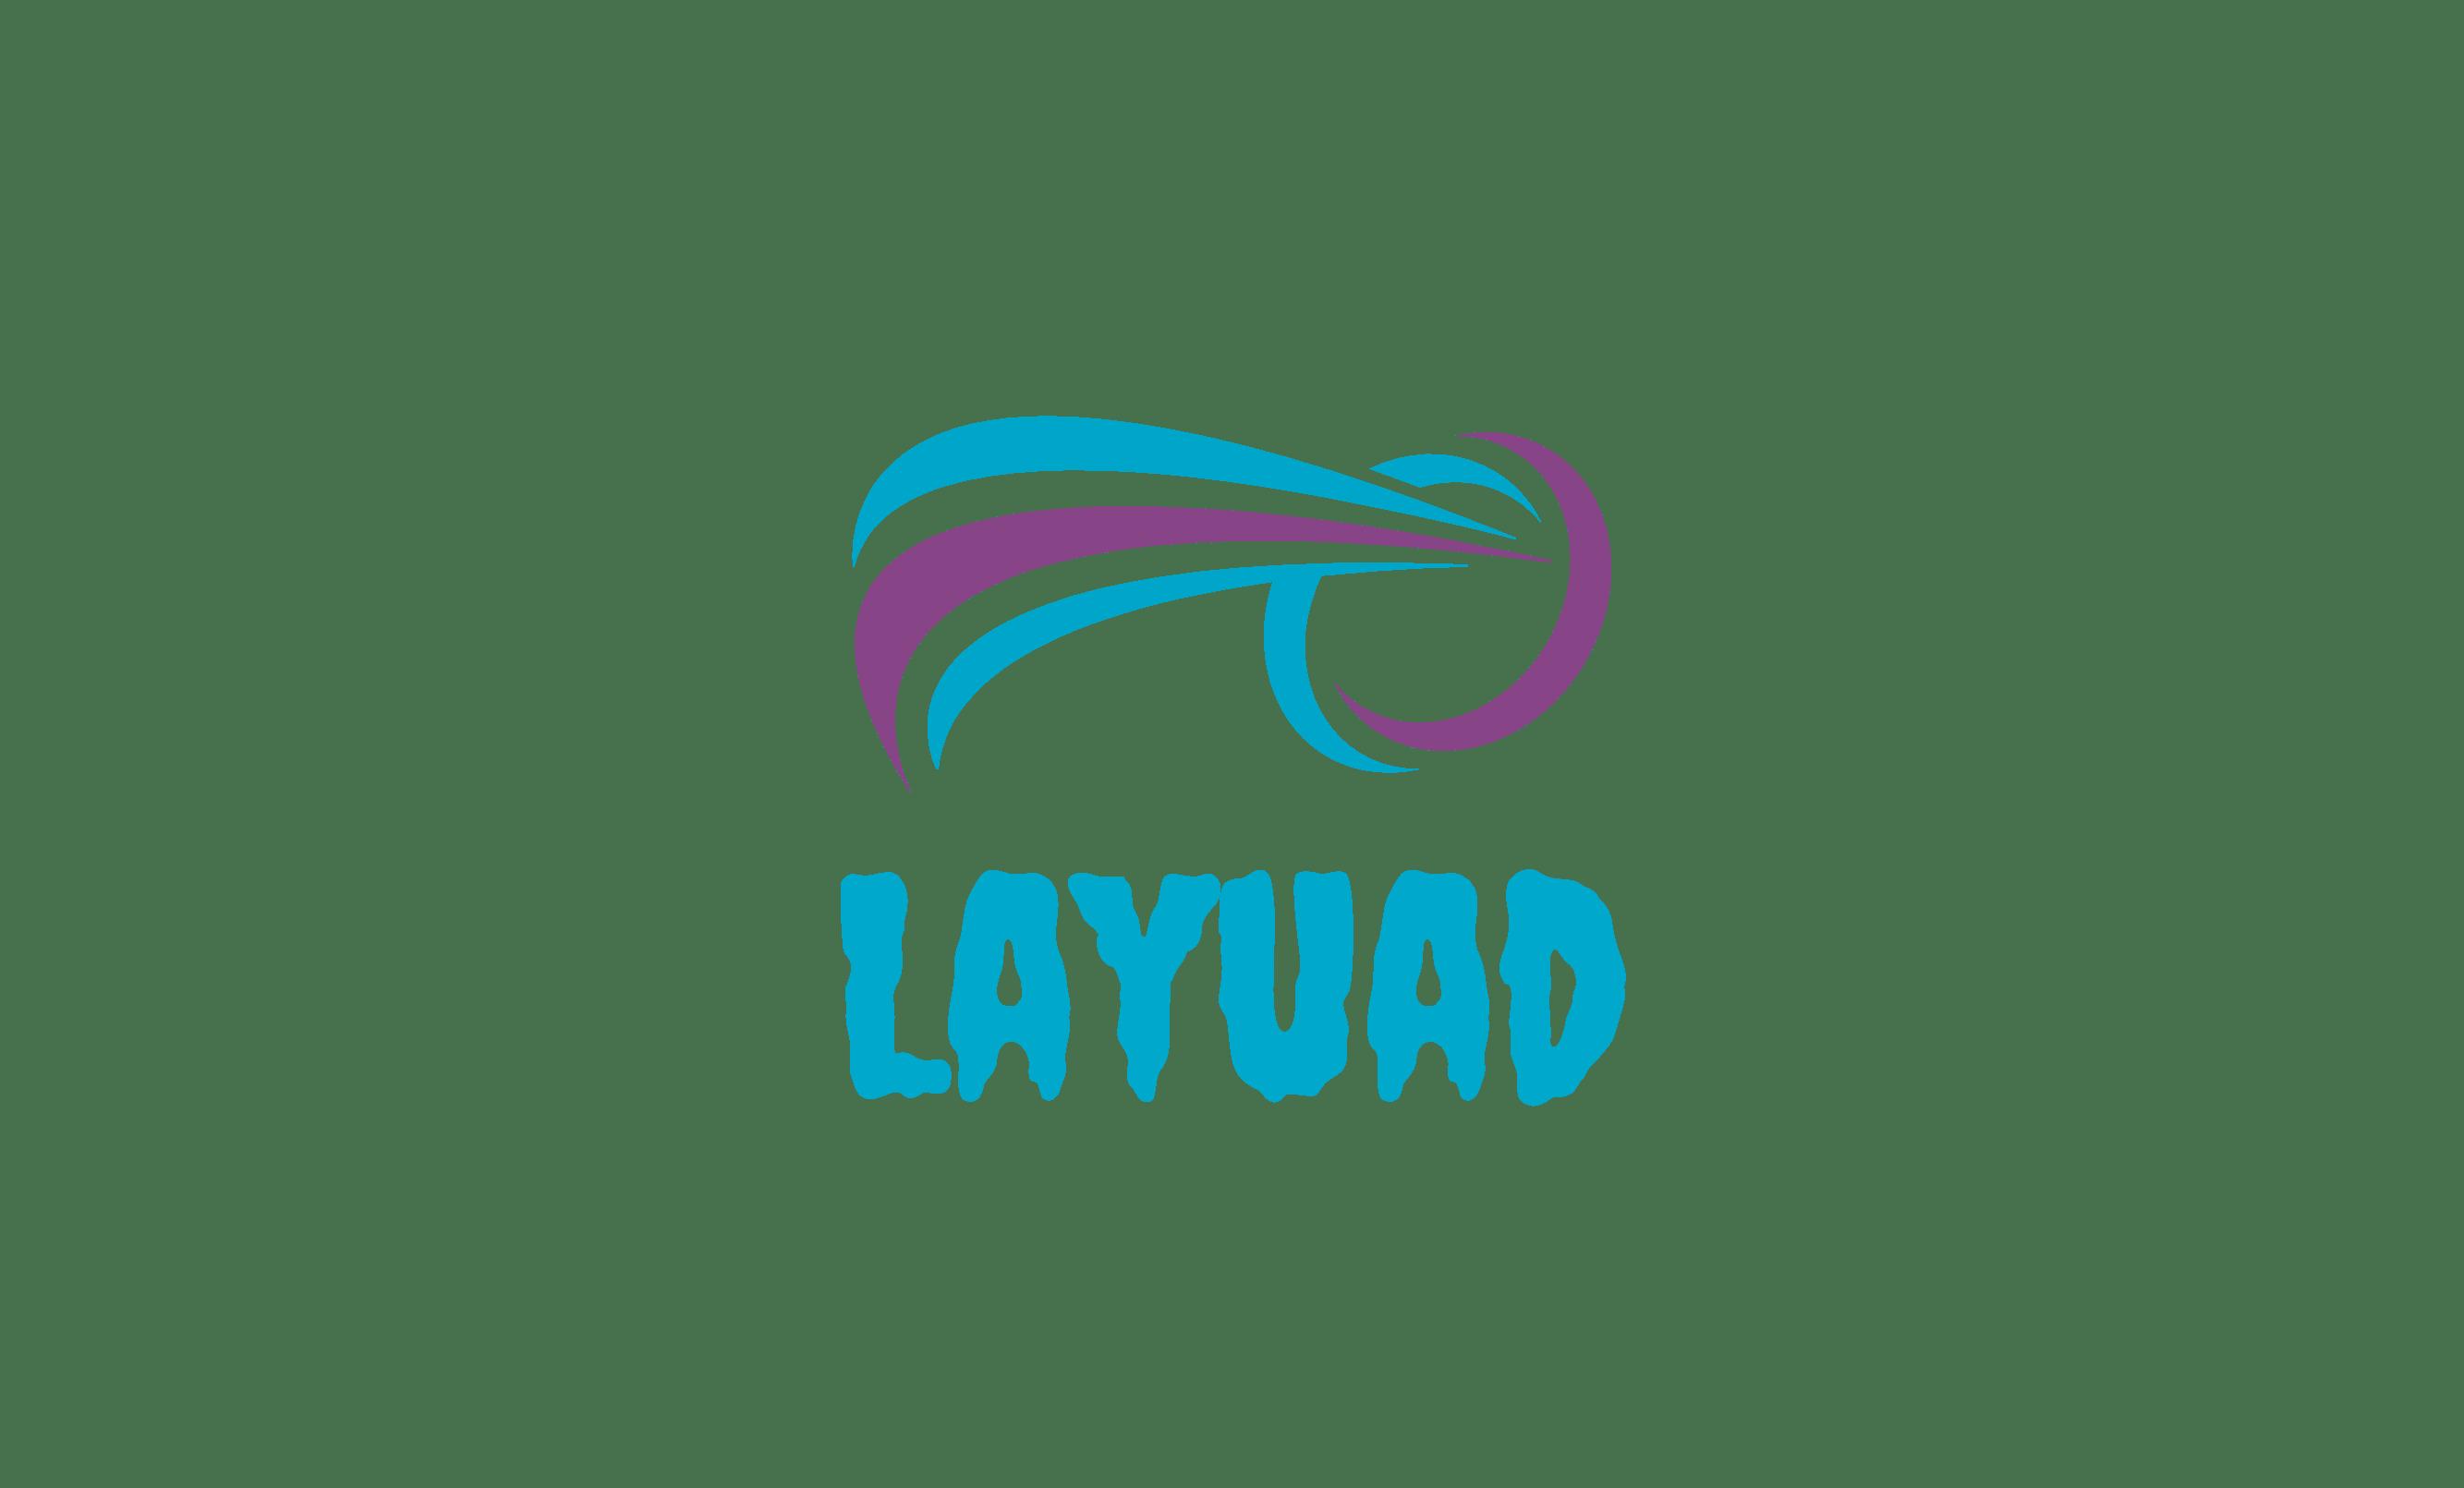 Layuad لجواد